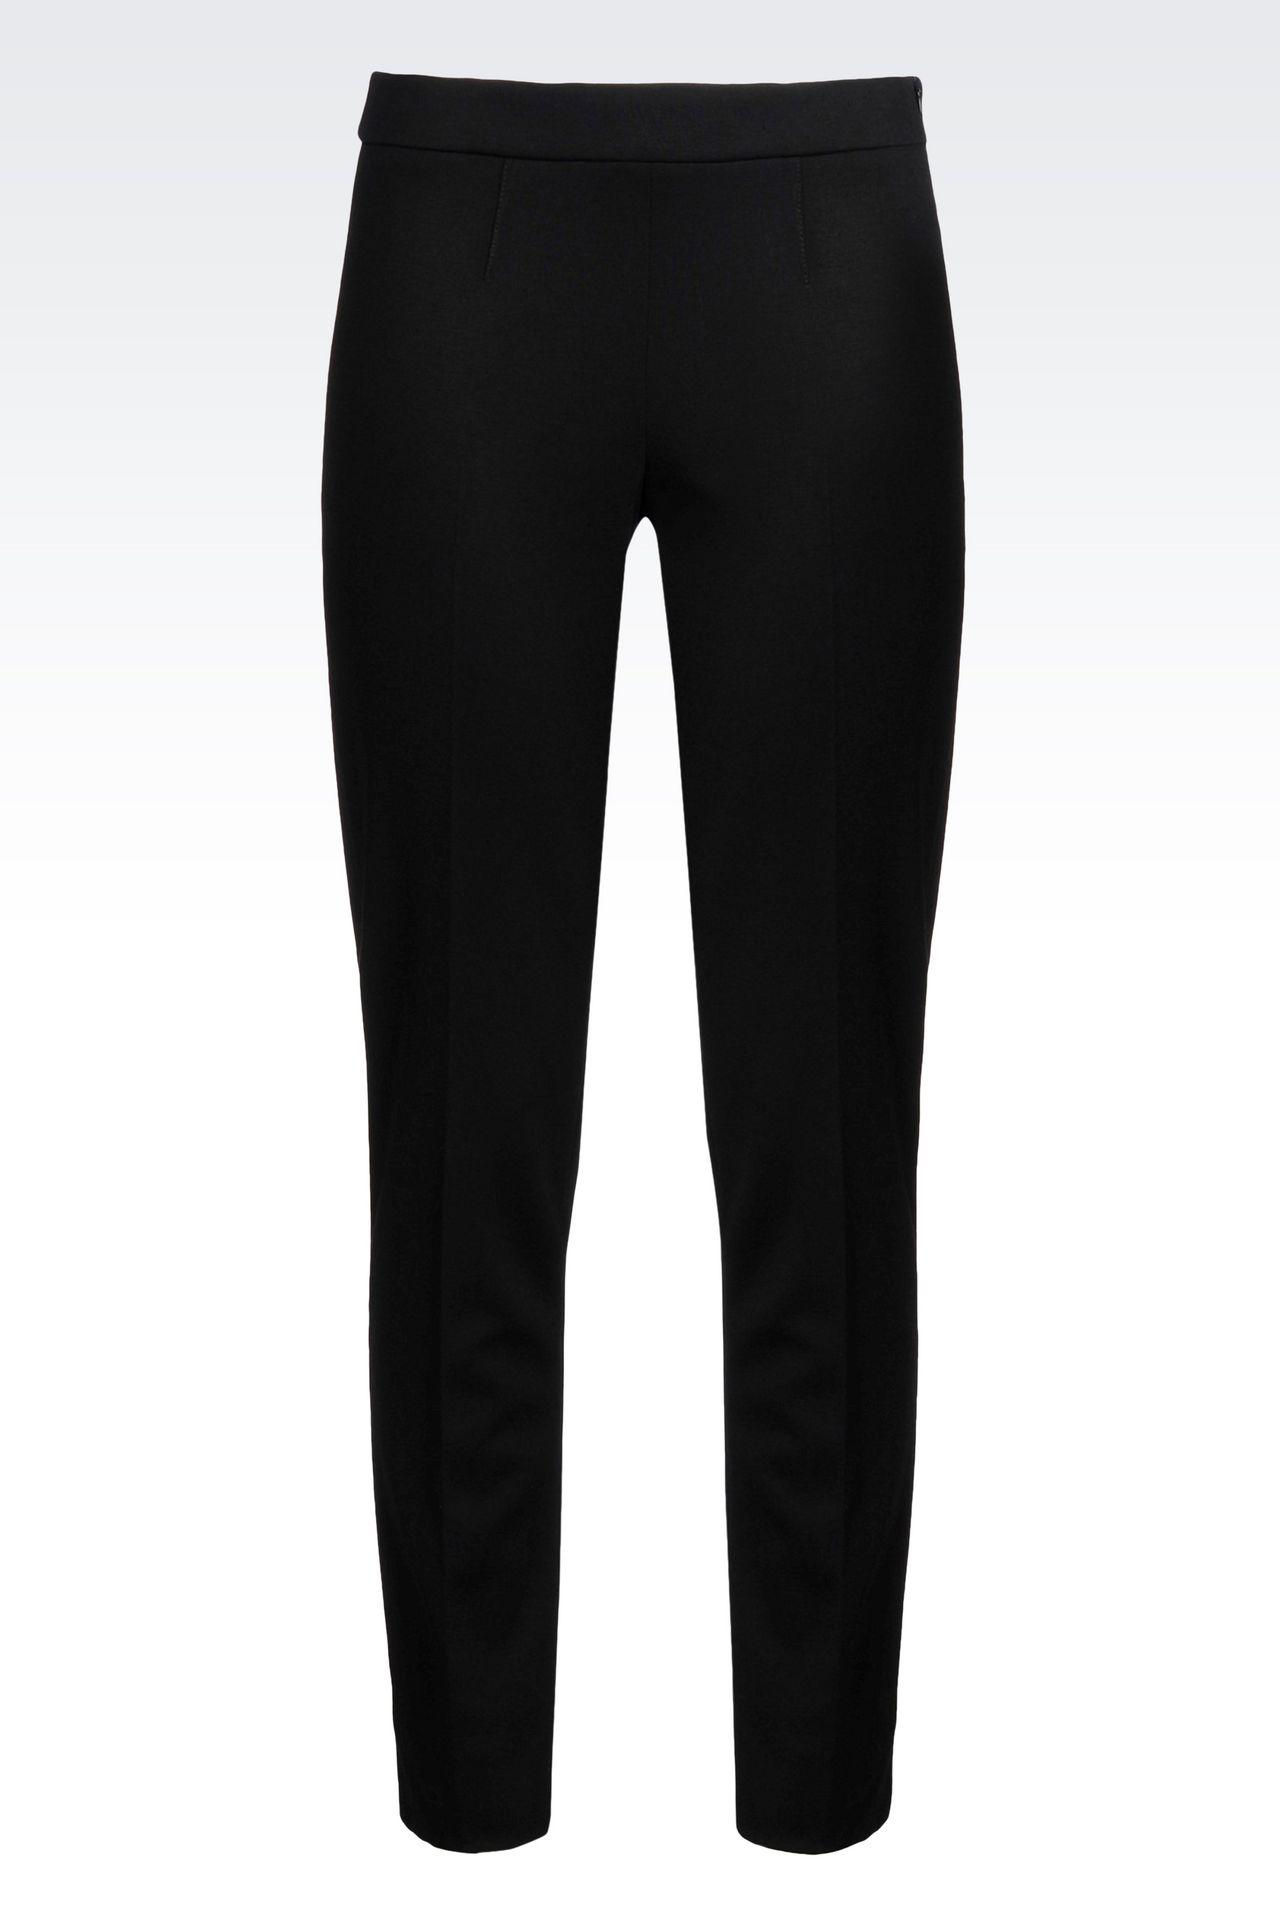 Emporio Armani Women Straight Leg Pant - CIGARETTE TROUSERS IN VISCOSE Emporio Armani Official Online Store